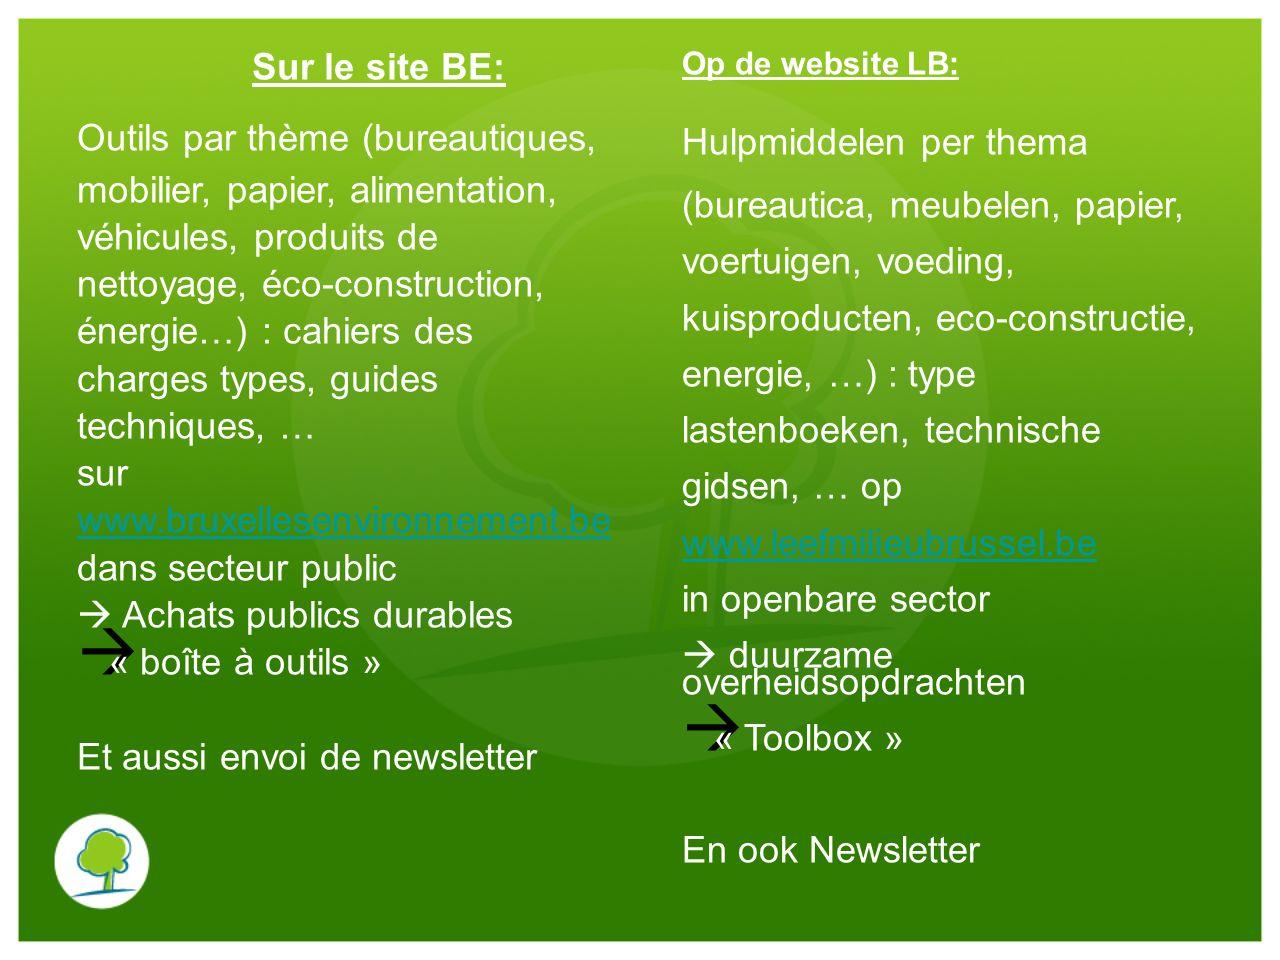 Sur le site BE: Op de website LB: Outils par thème (bureautiques, mobilier, papier, alimentation, véhicules, produits de nettoyage, éco-construction,